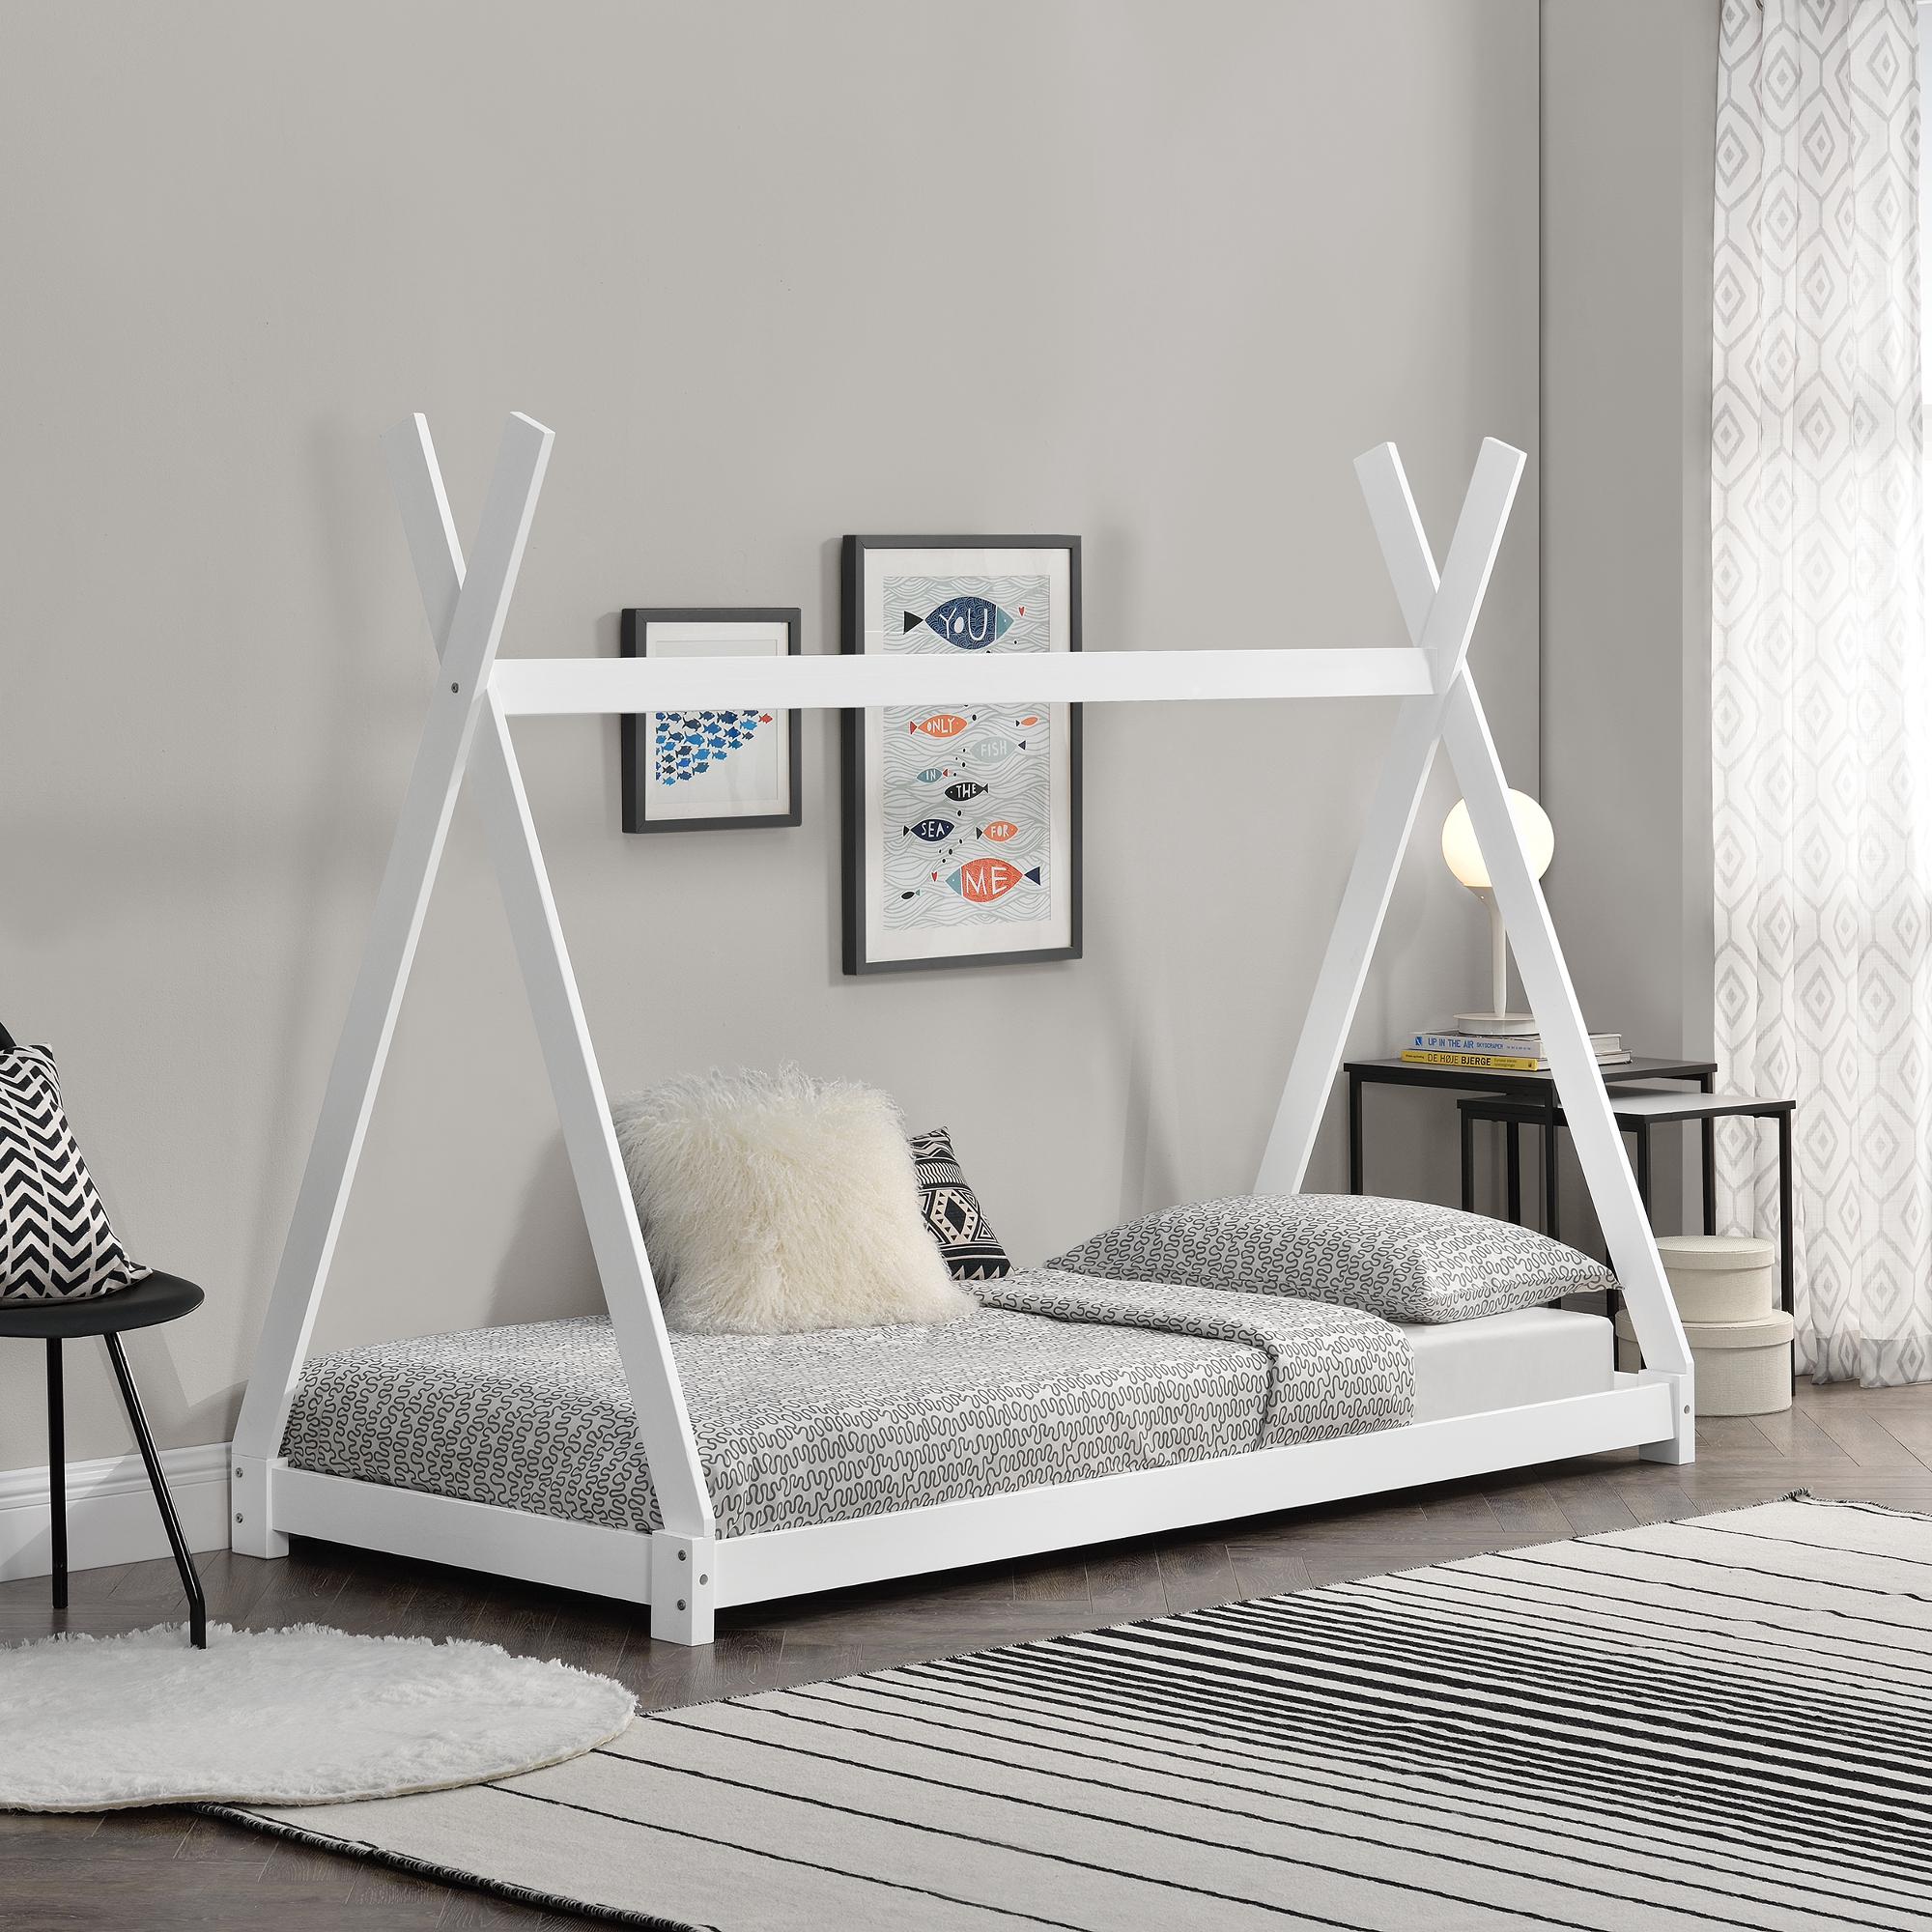 En Casa Kinderbett 90x200cm Tipi Indianer Bett Holz Weiss Hausbett